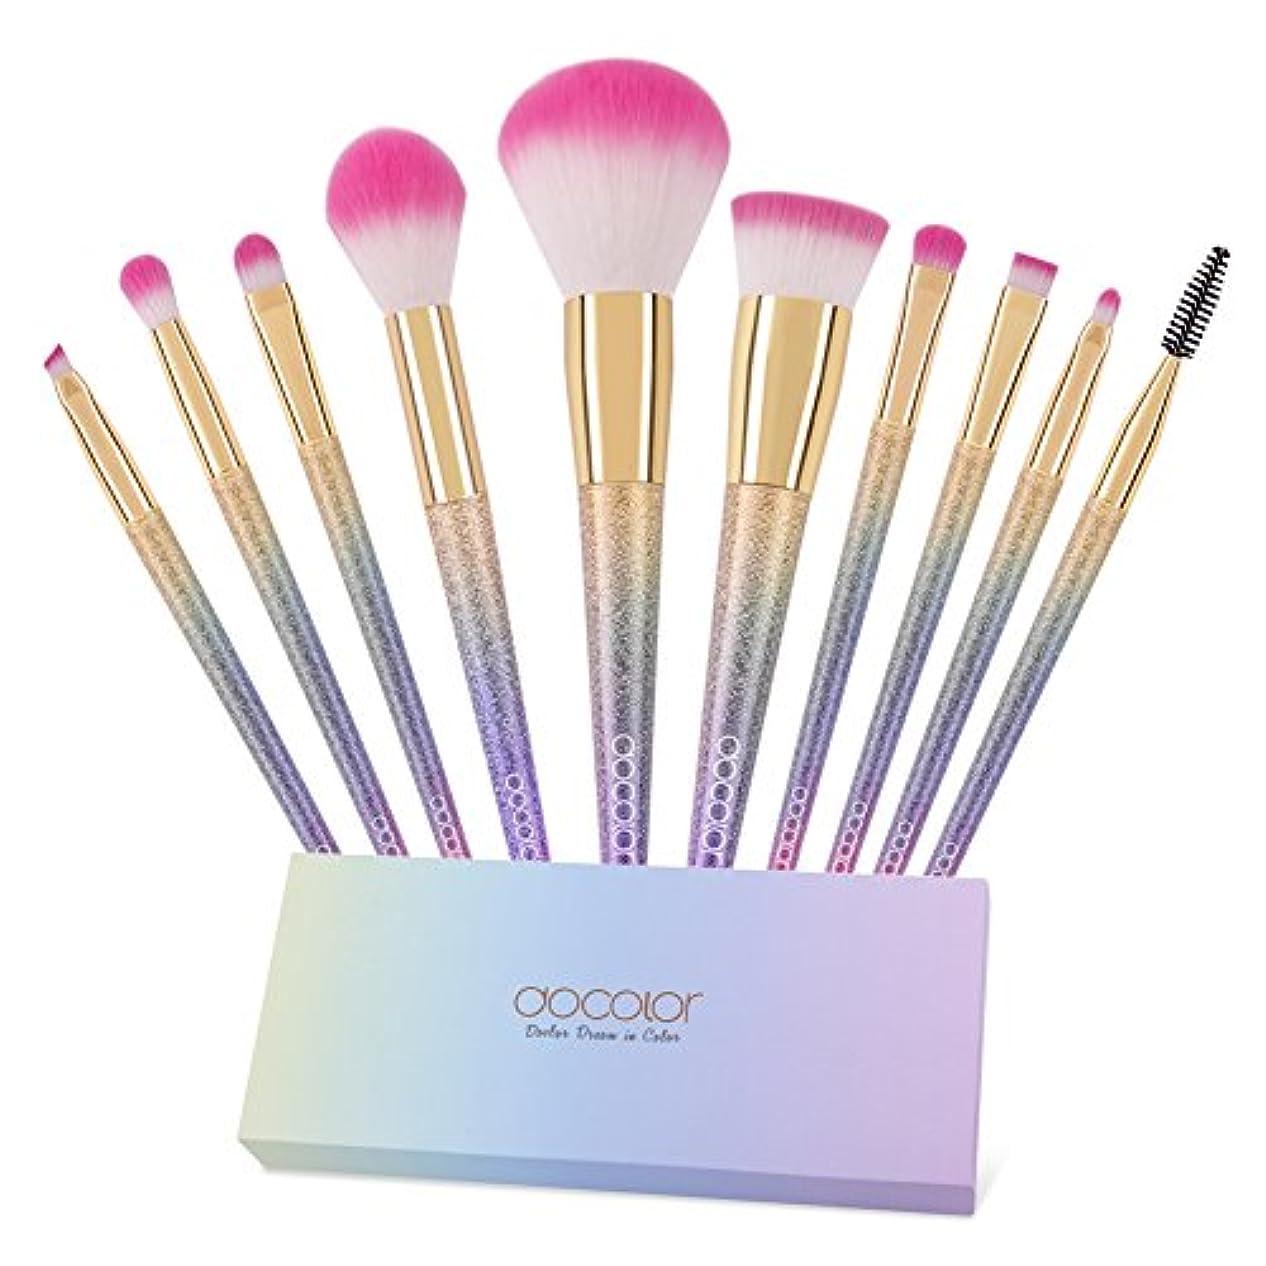 貧困歌うスツールドゥカラー Docolor 化粧筆 メイクブラシ 10本セット 欧米で話題のレインボーブラシ 同時発売で日本に登場